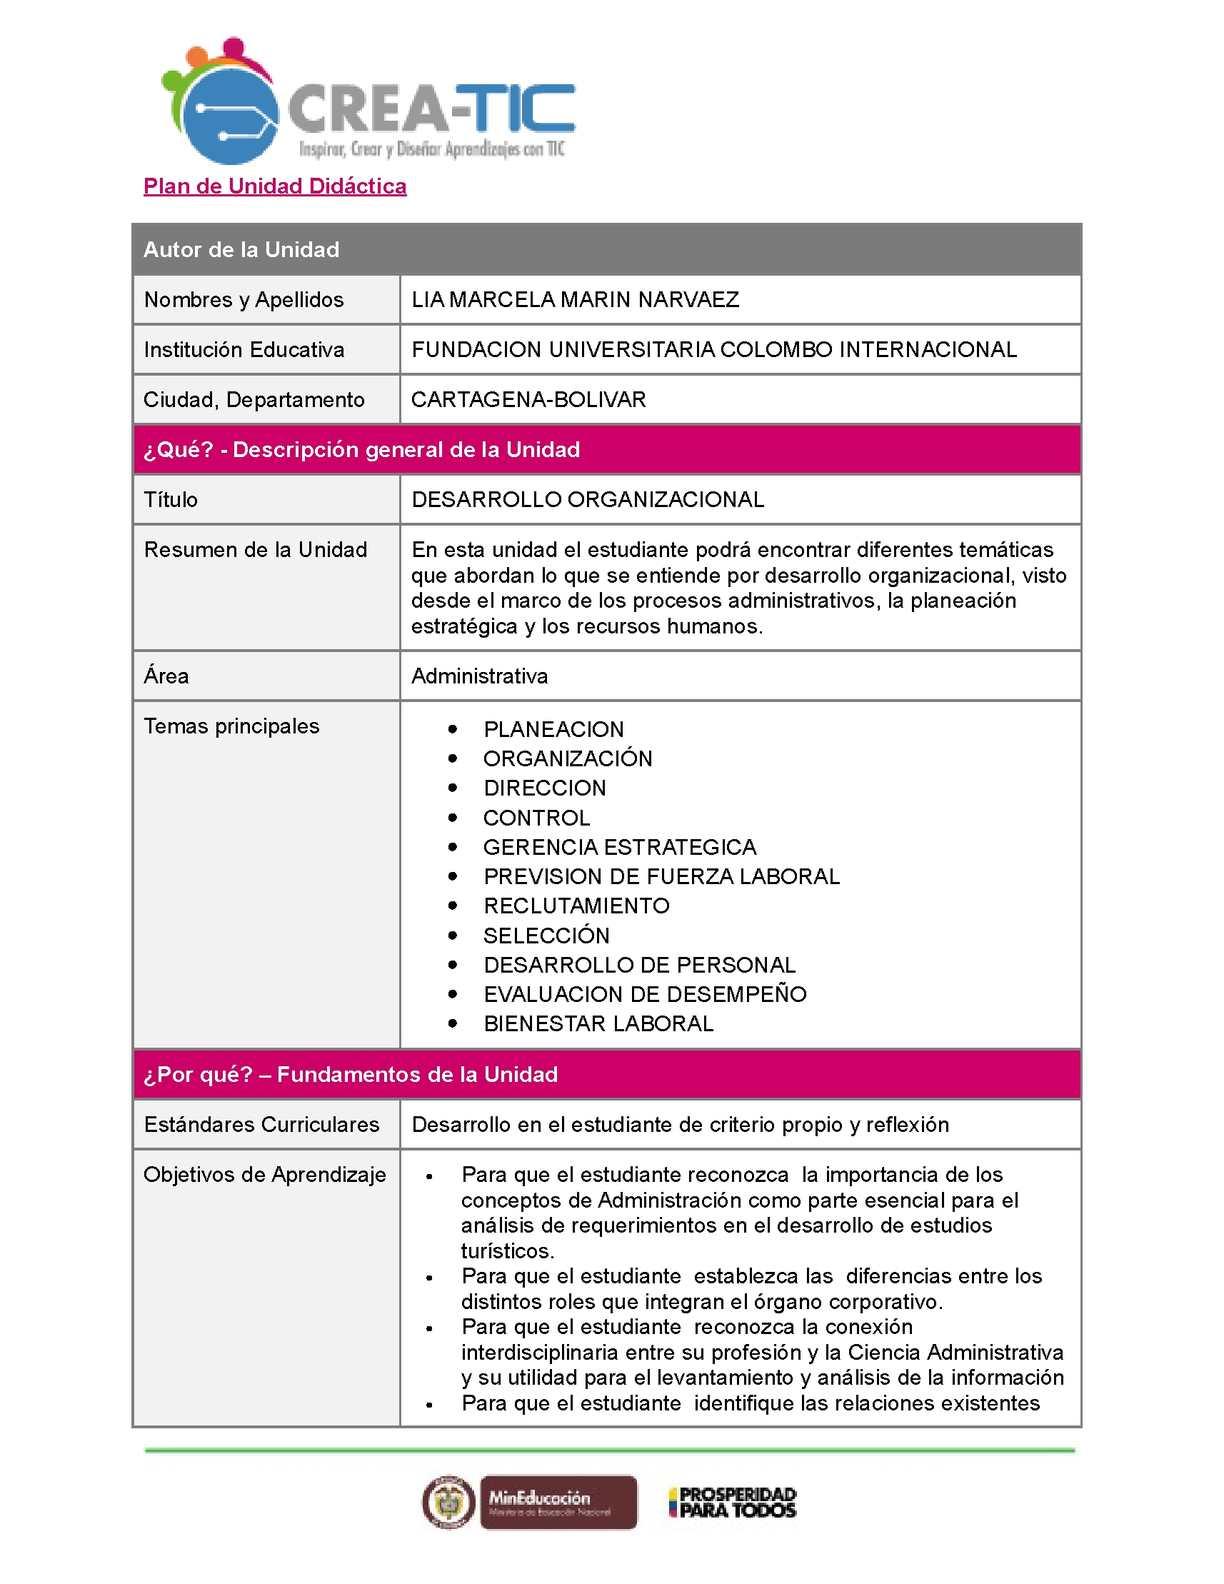 Calaméo - Plantilla Unidad Didactica